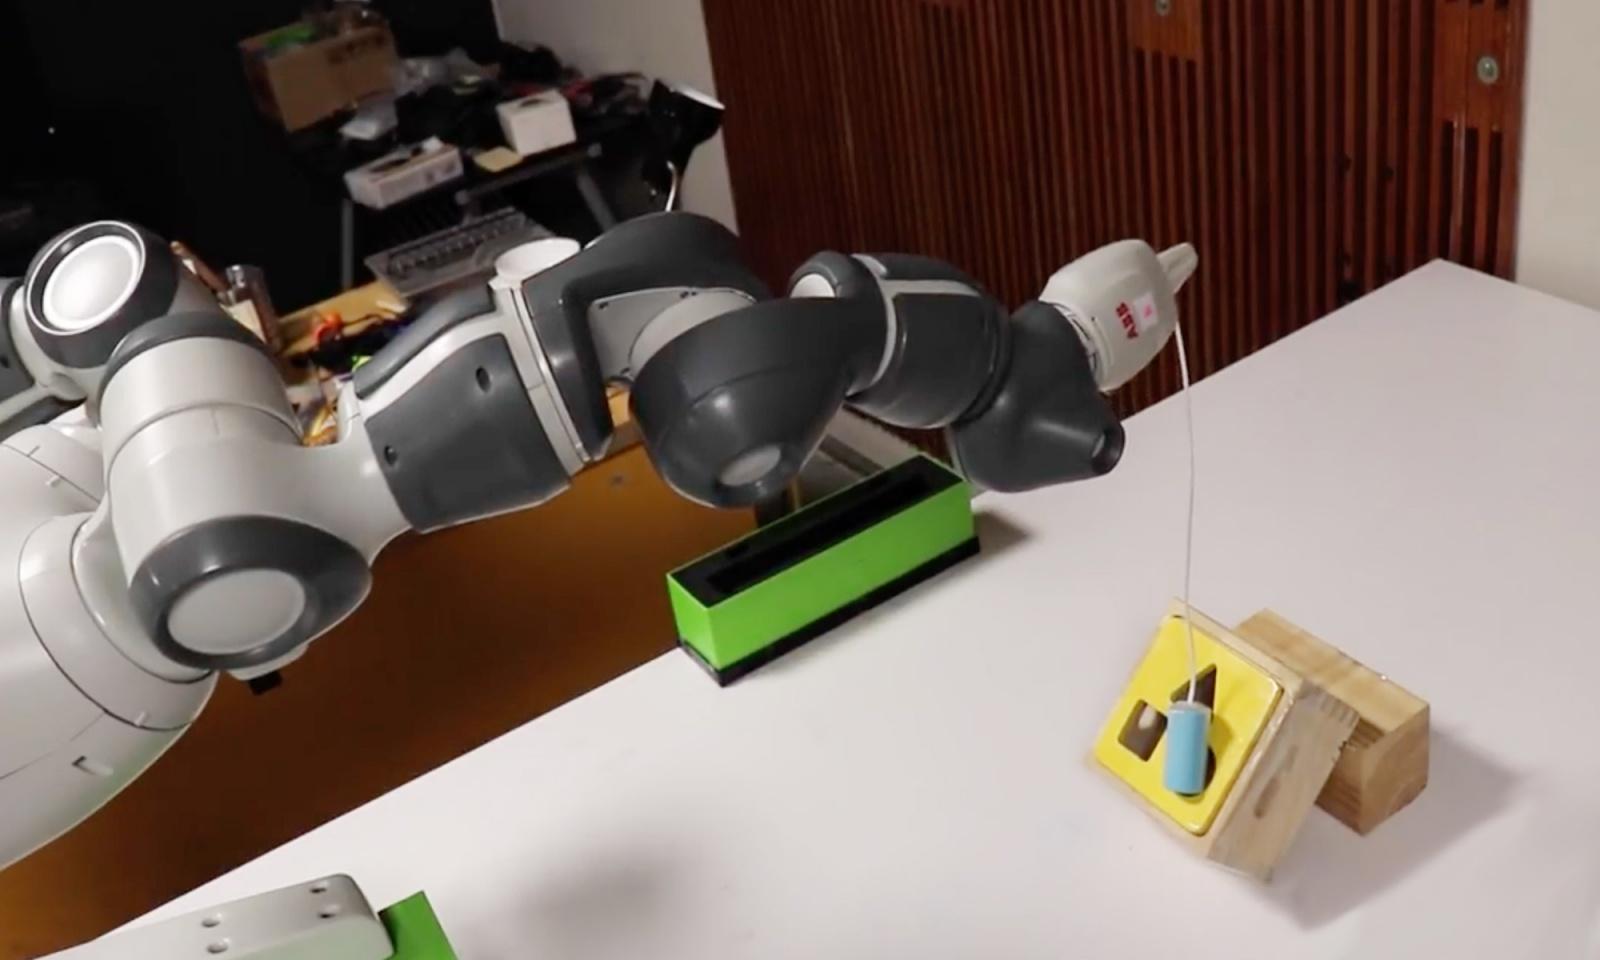 В NVIDIA разработали способ обучения роботов почти без вмешательства человека - 1